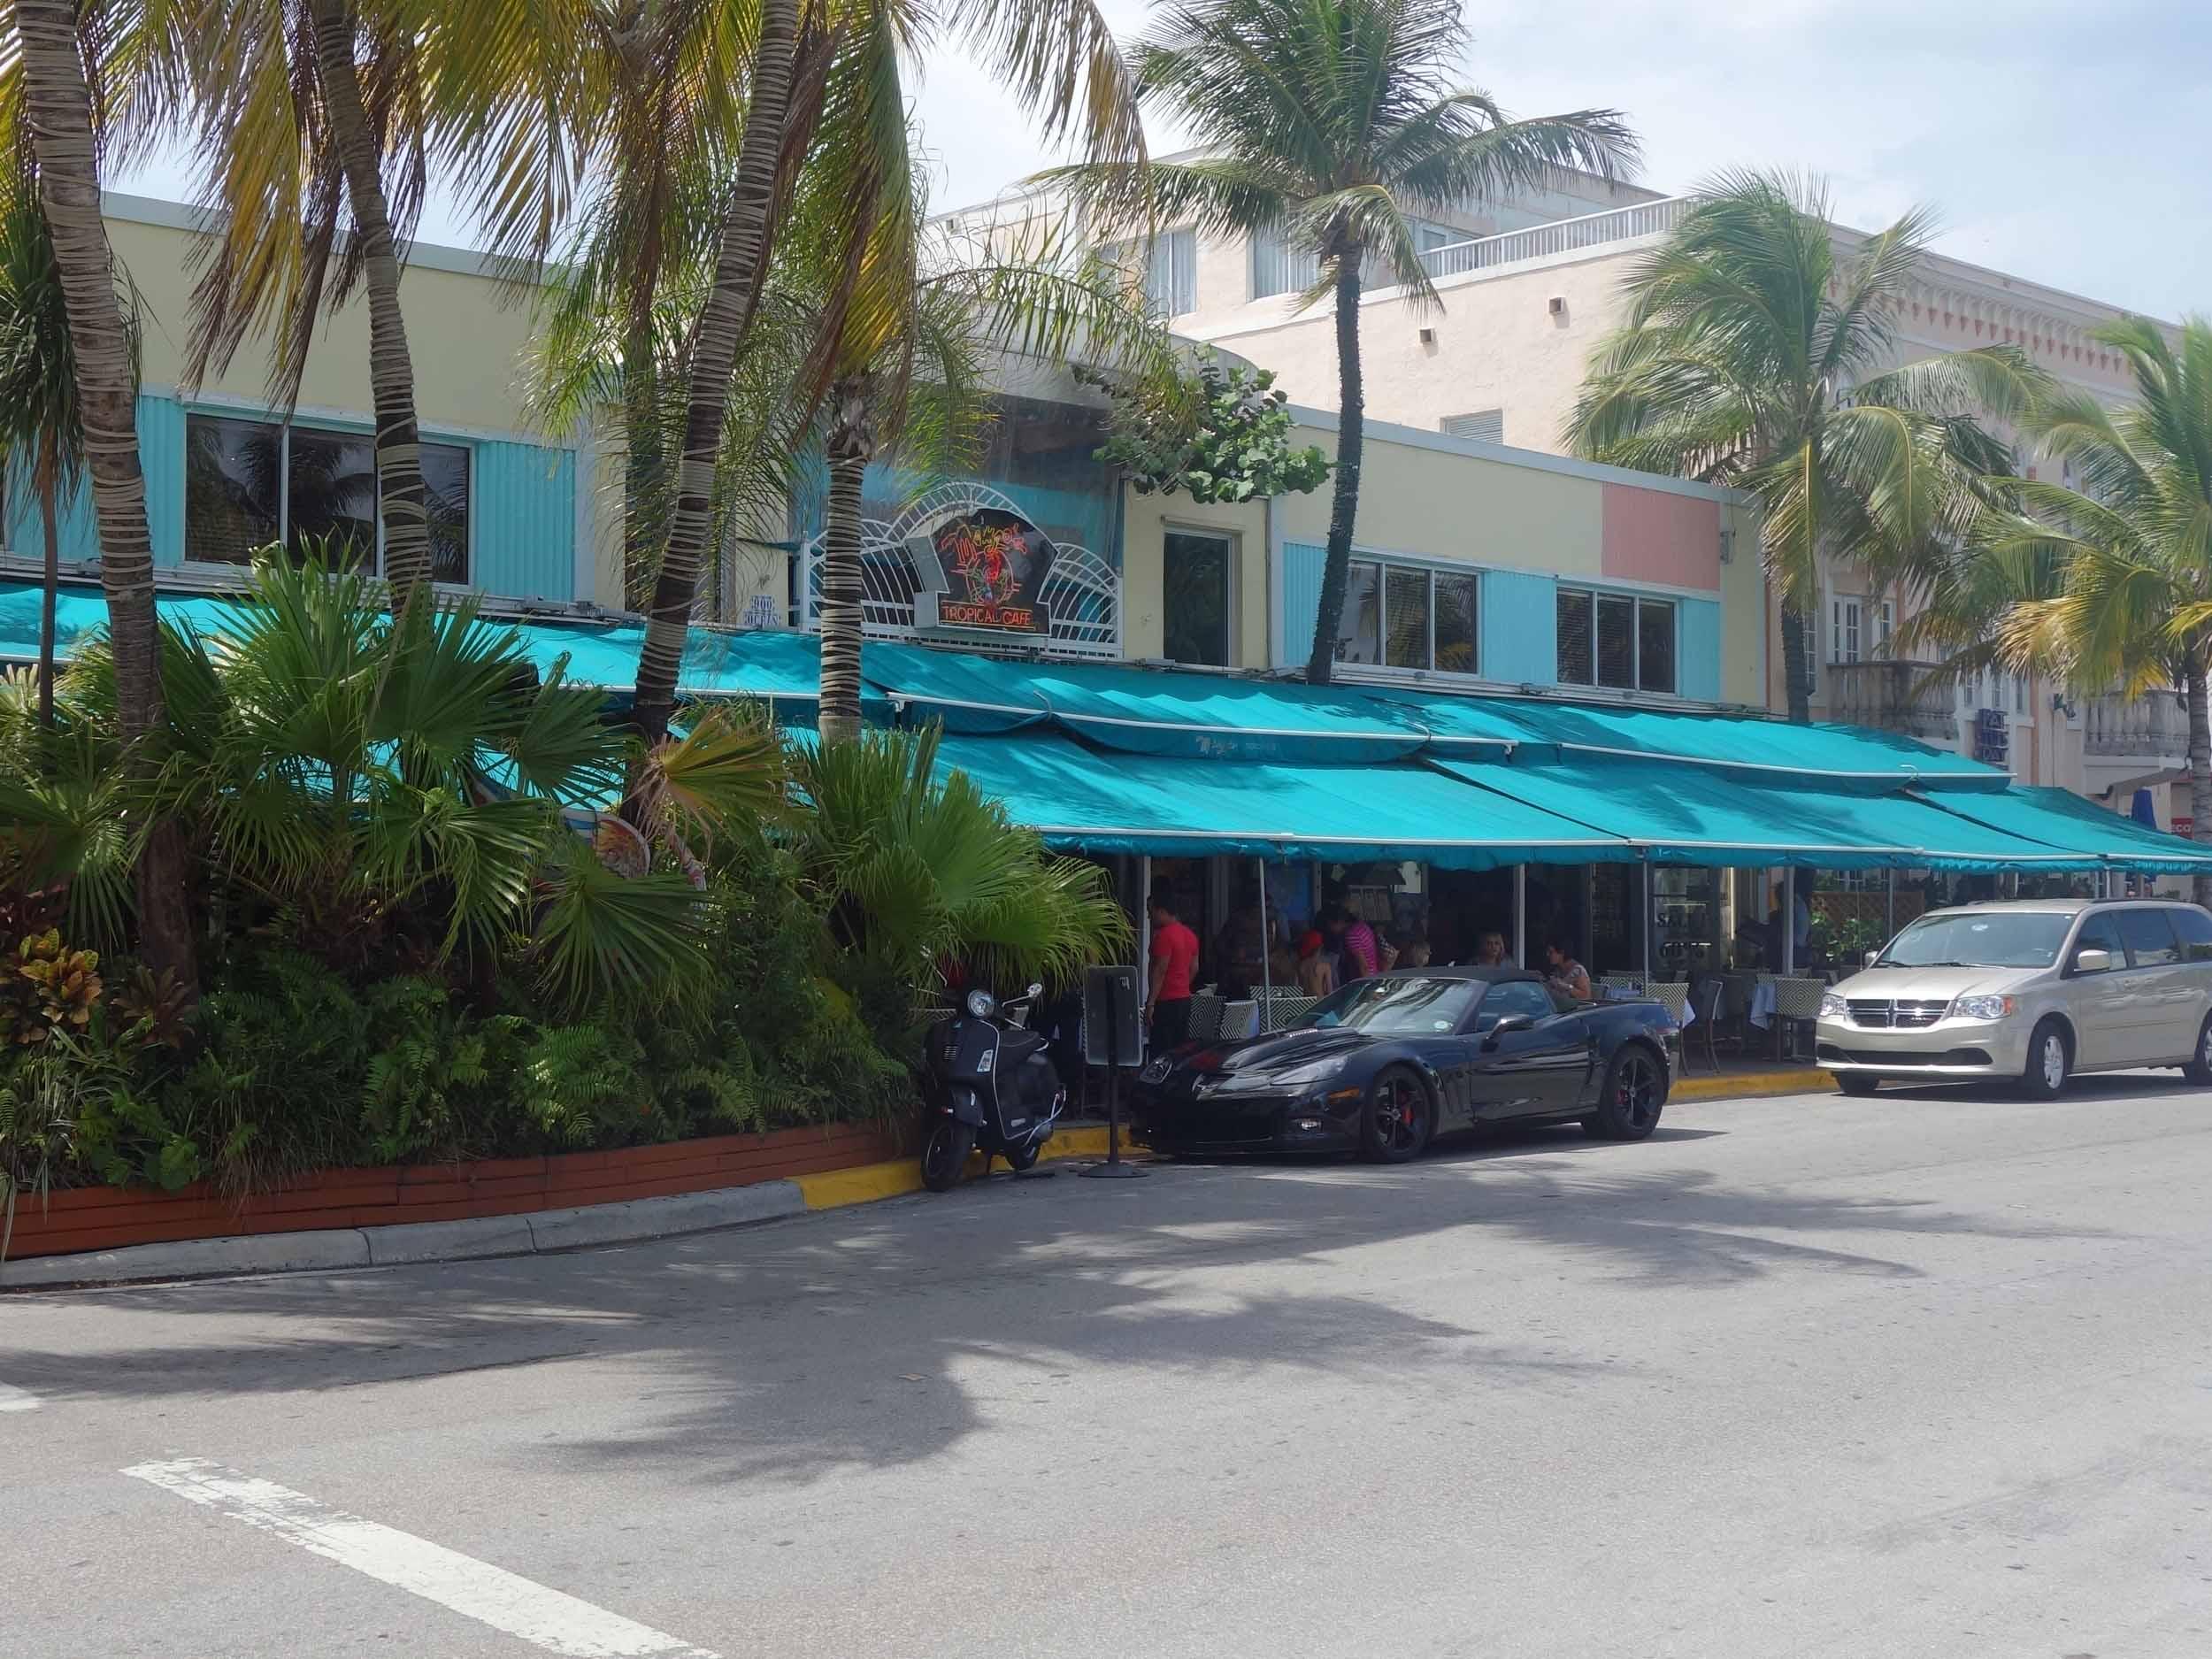 Mango's Tropical Cafe Exterior